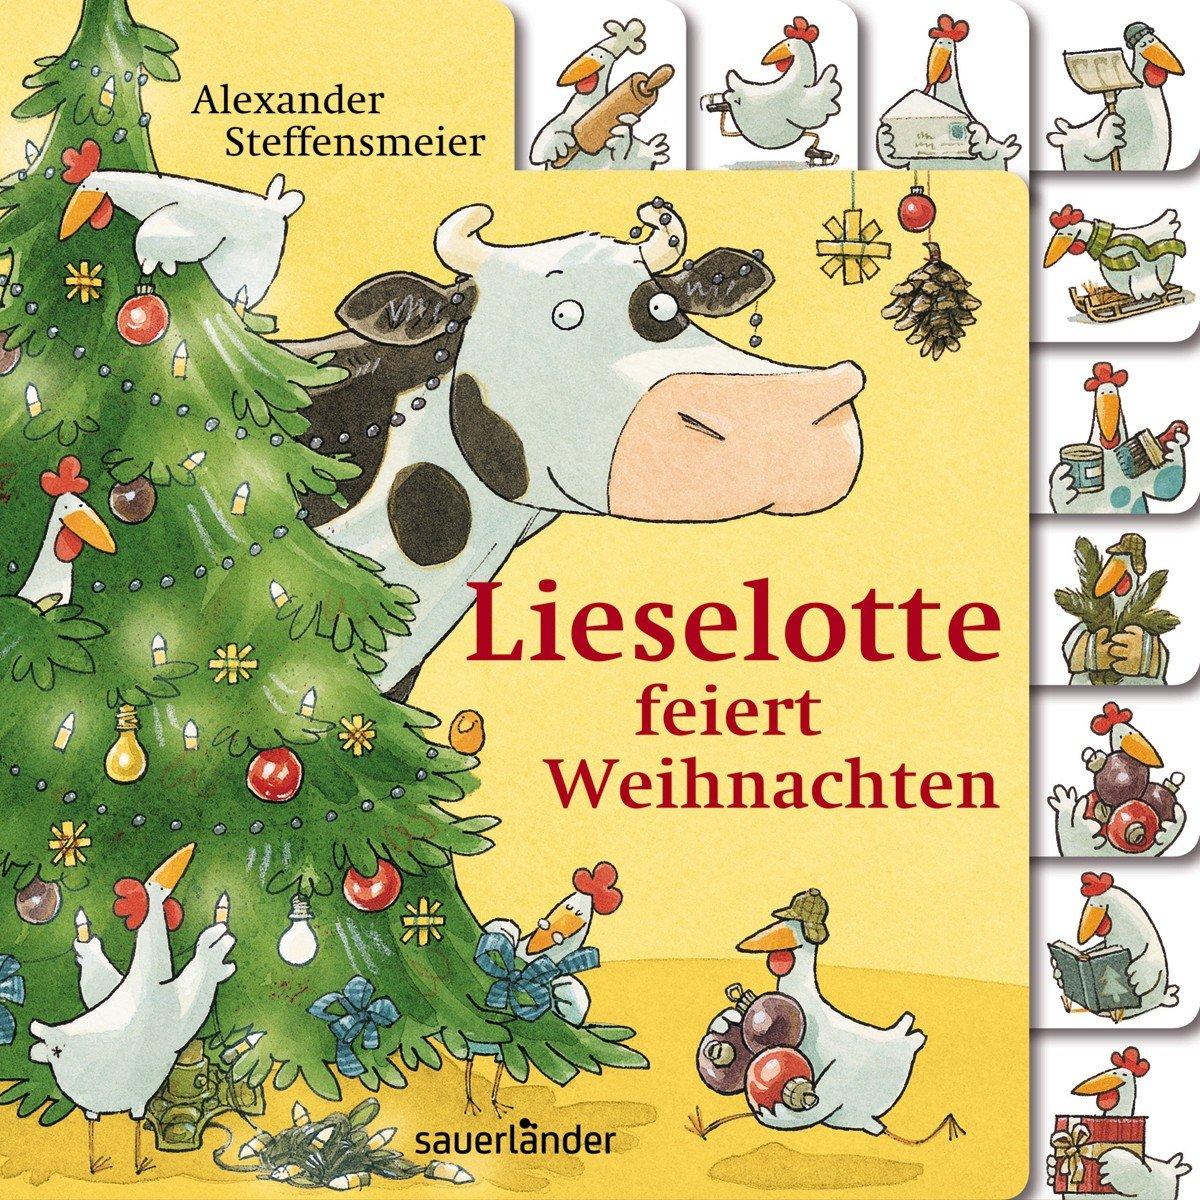 Lieselotte feiert Weihnachten (Popular Fiction): Amazon.de ...